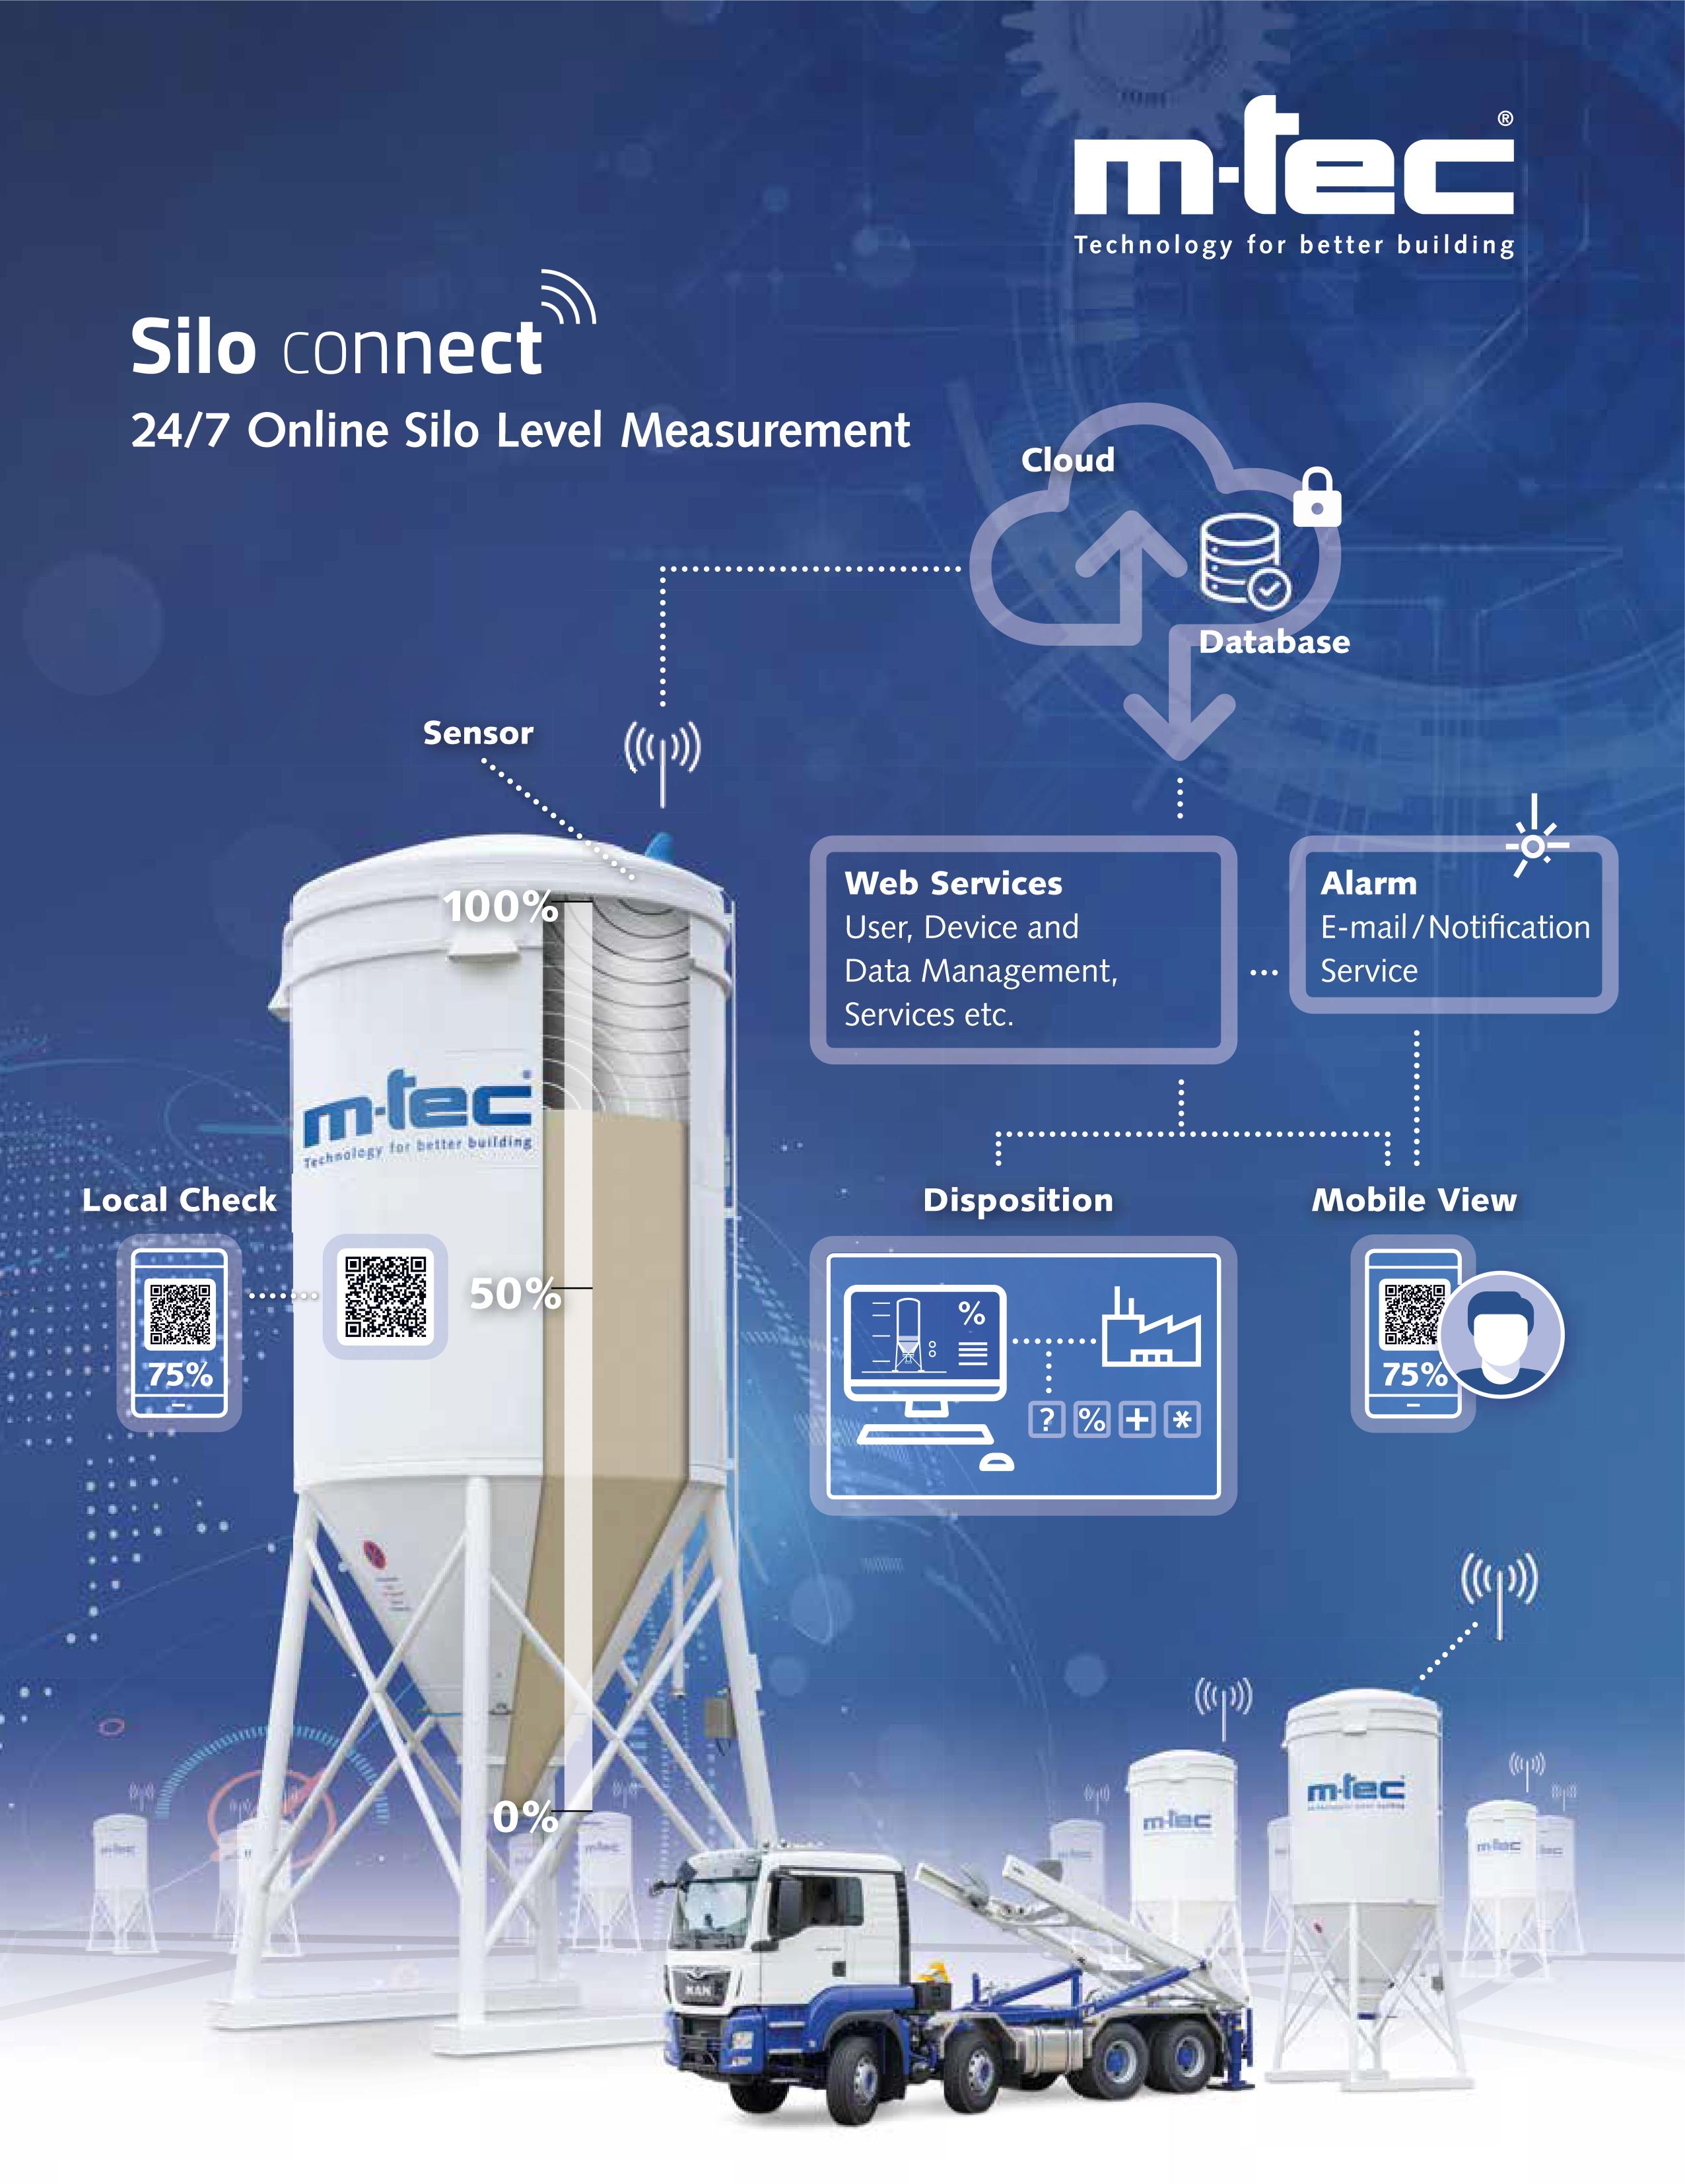 m-tec-silo-connect